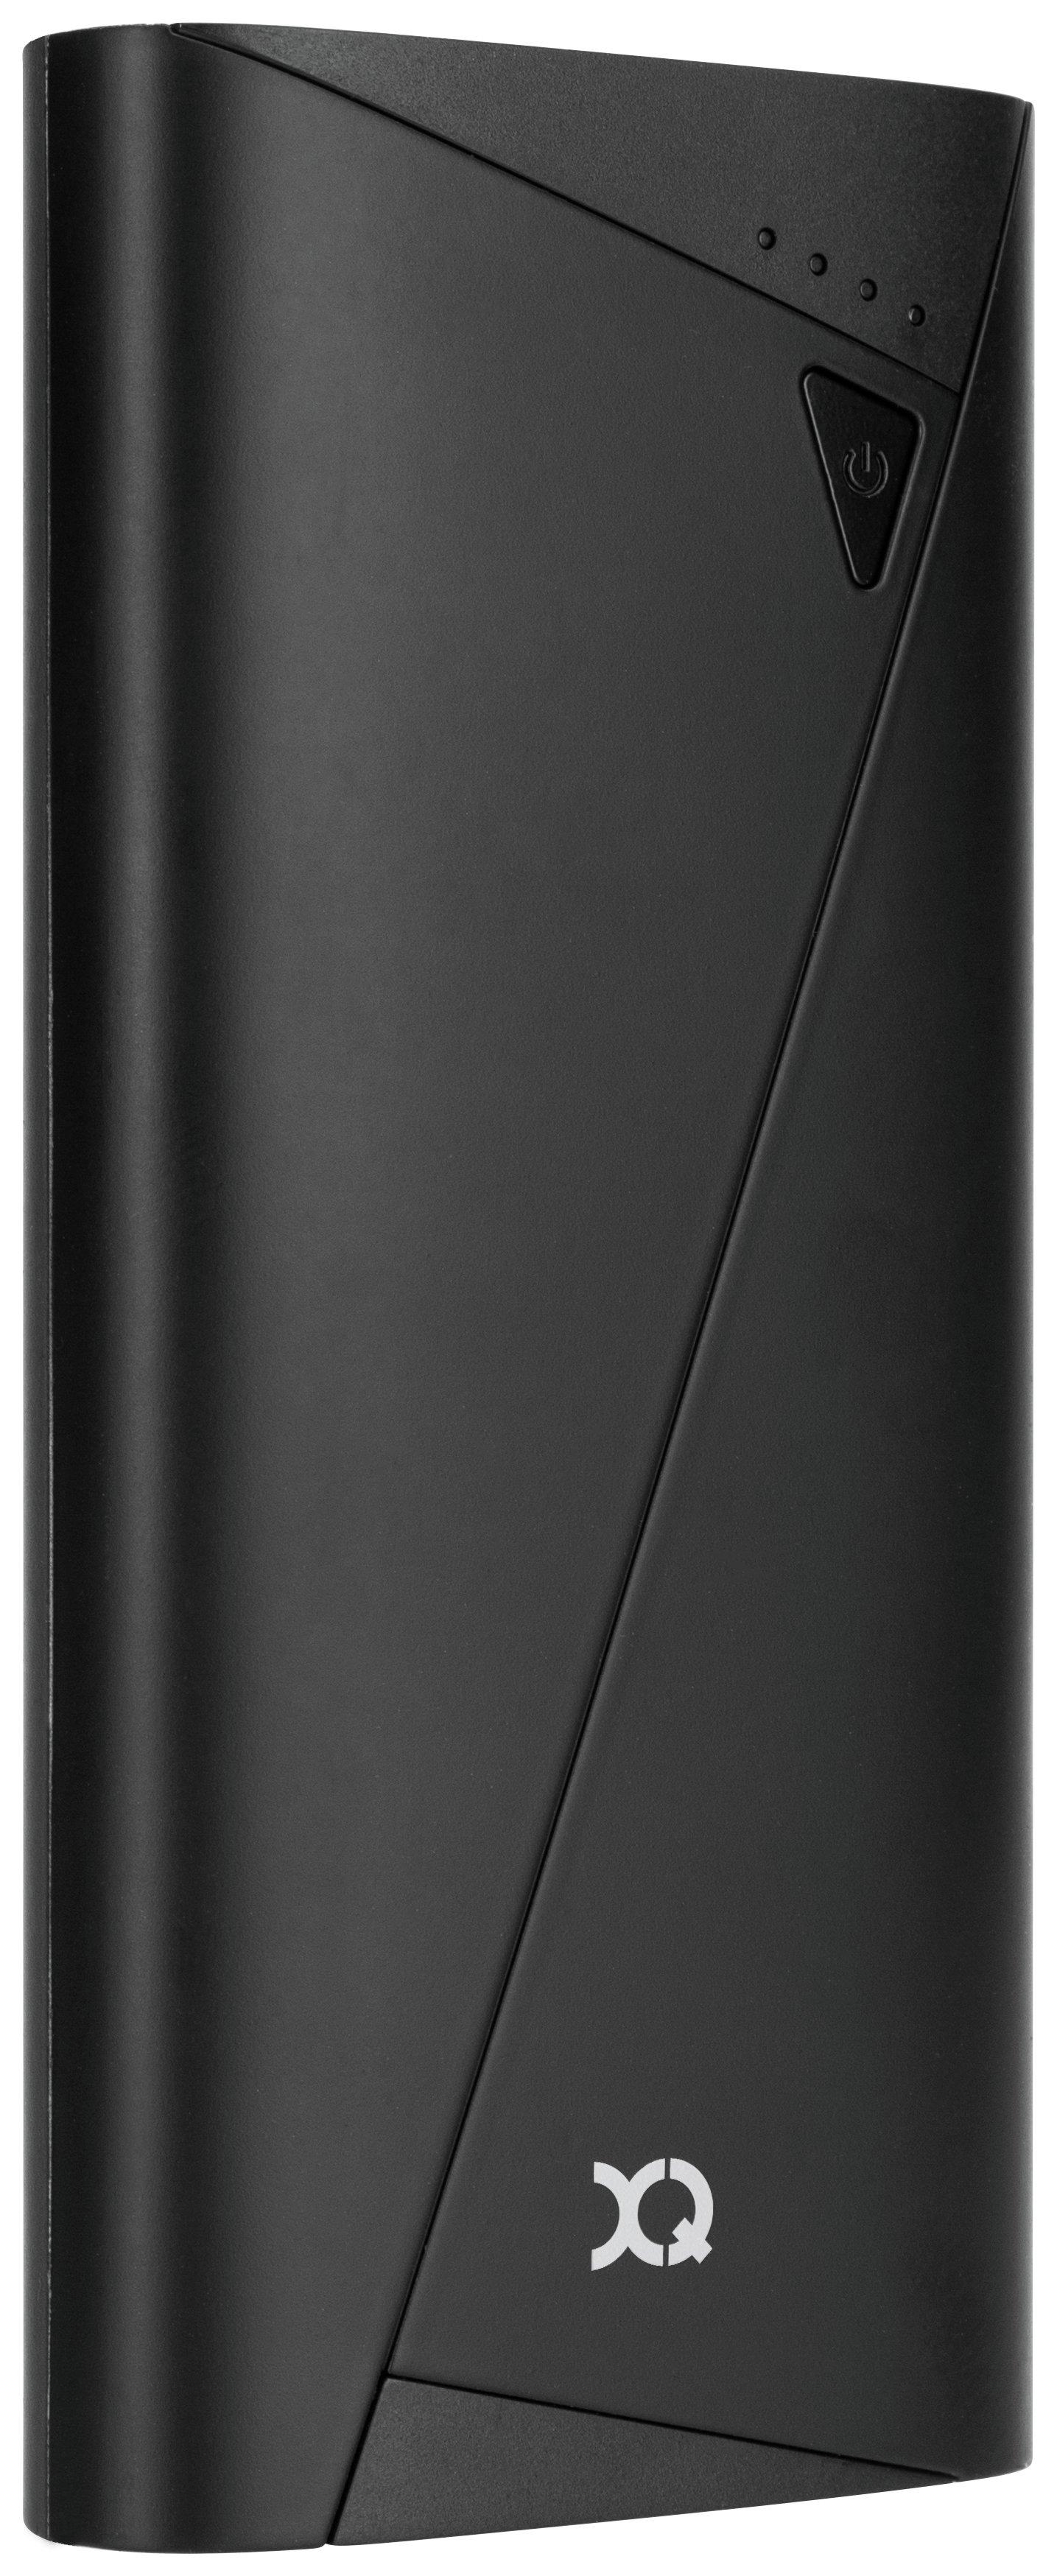 Xqisit Xqisit 10400mAh Power Bank - Black.